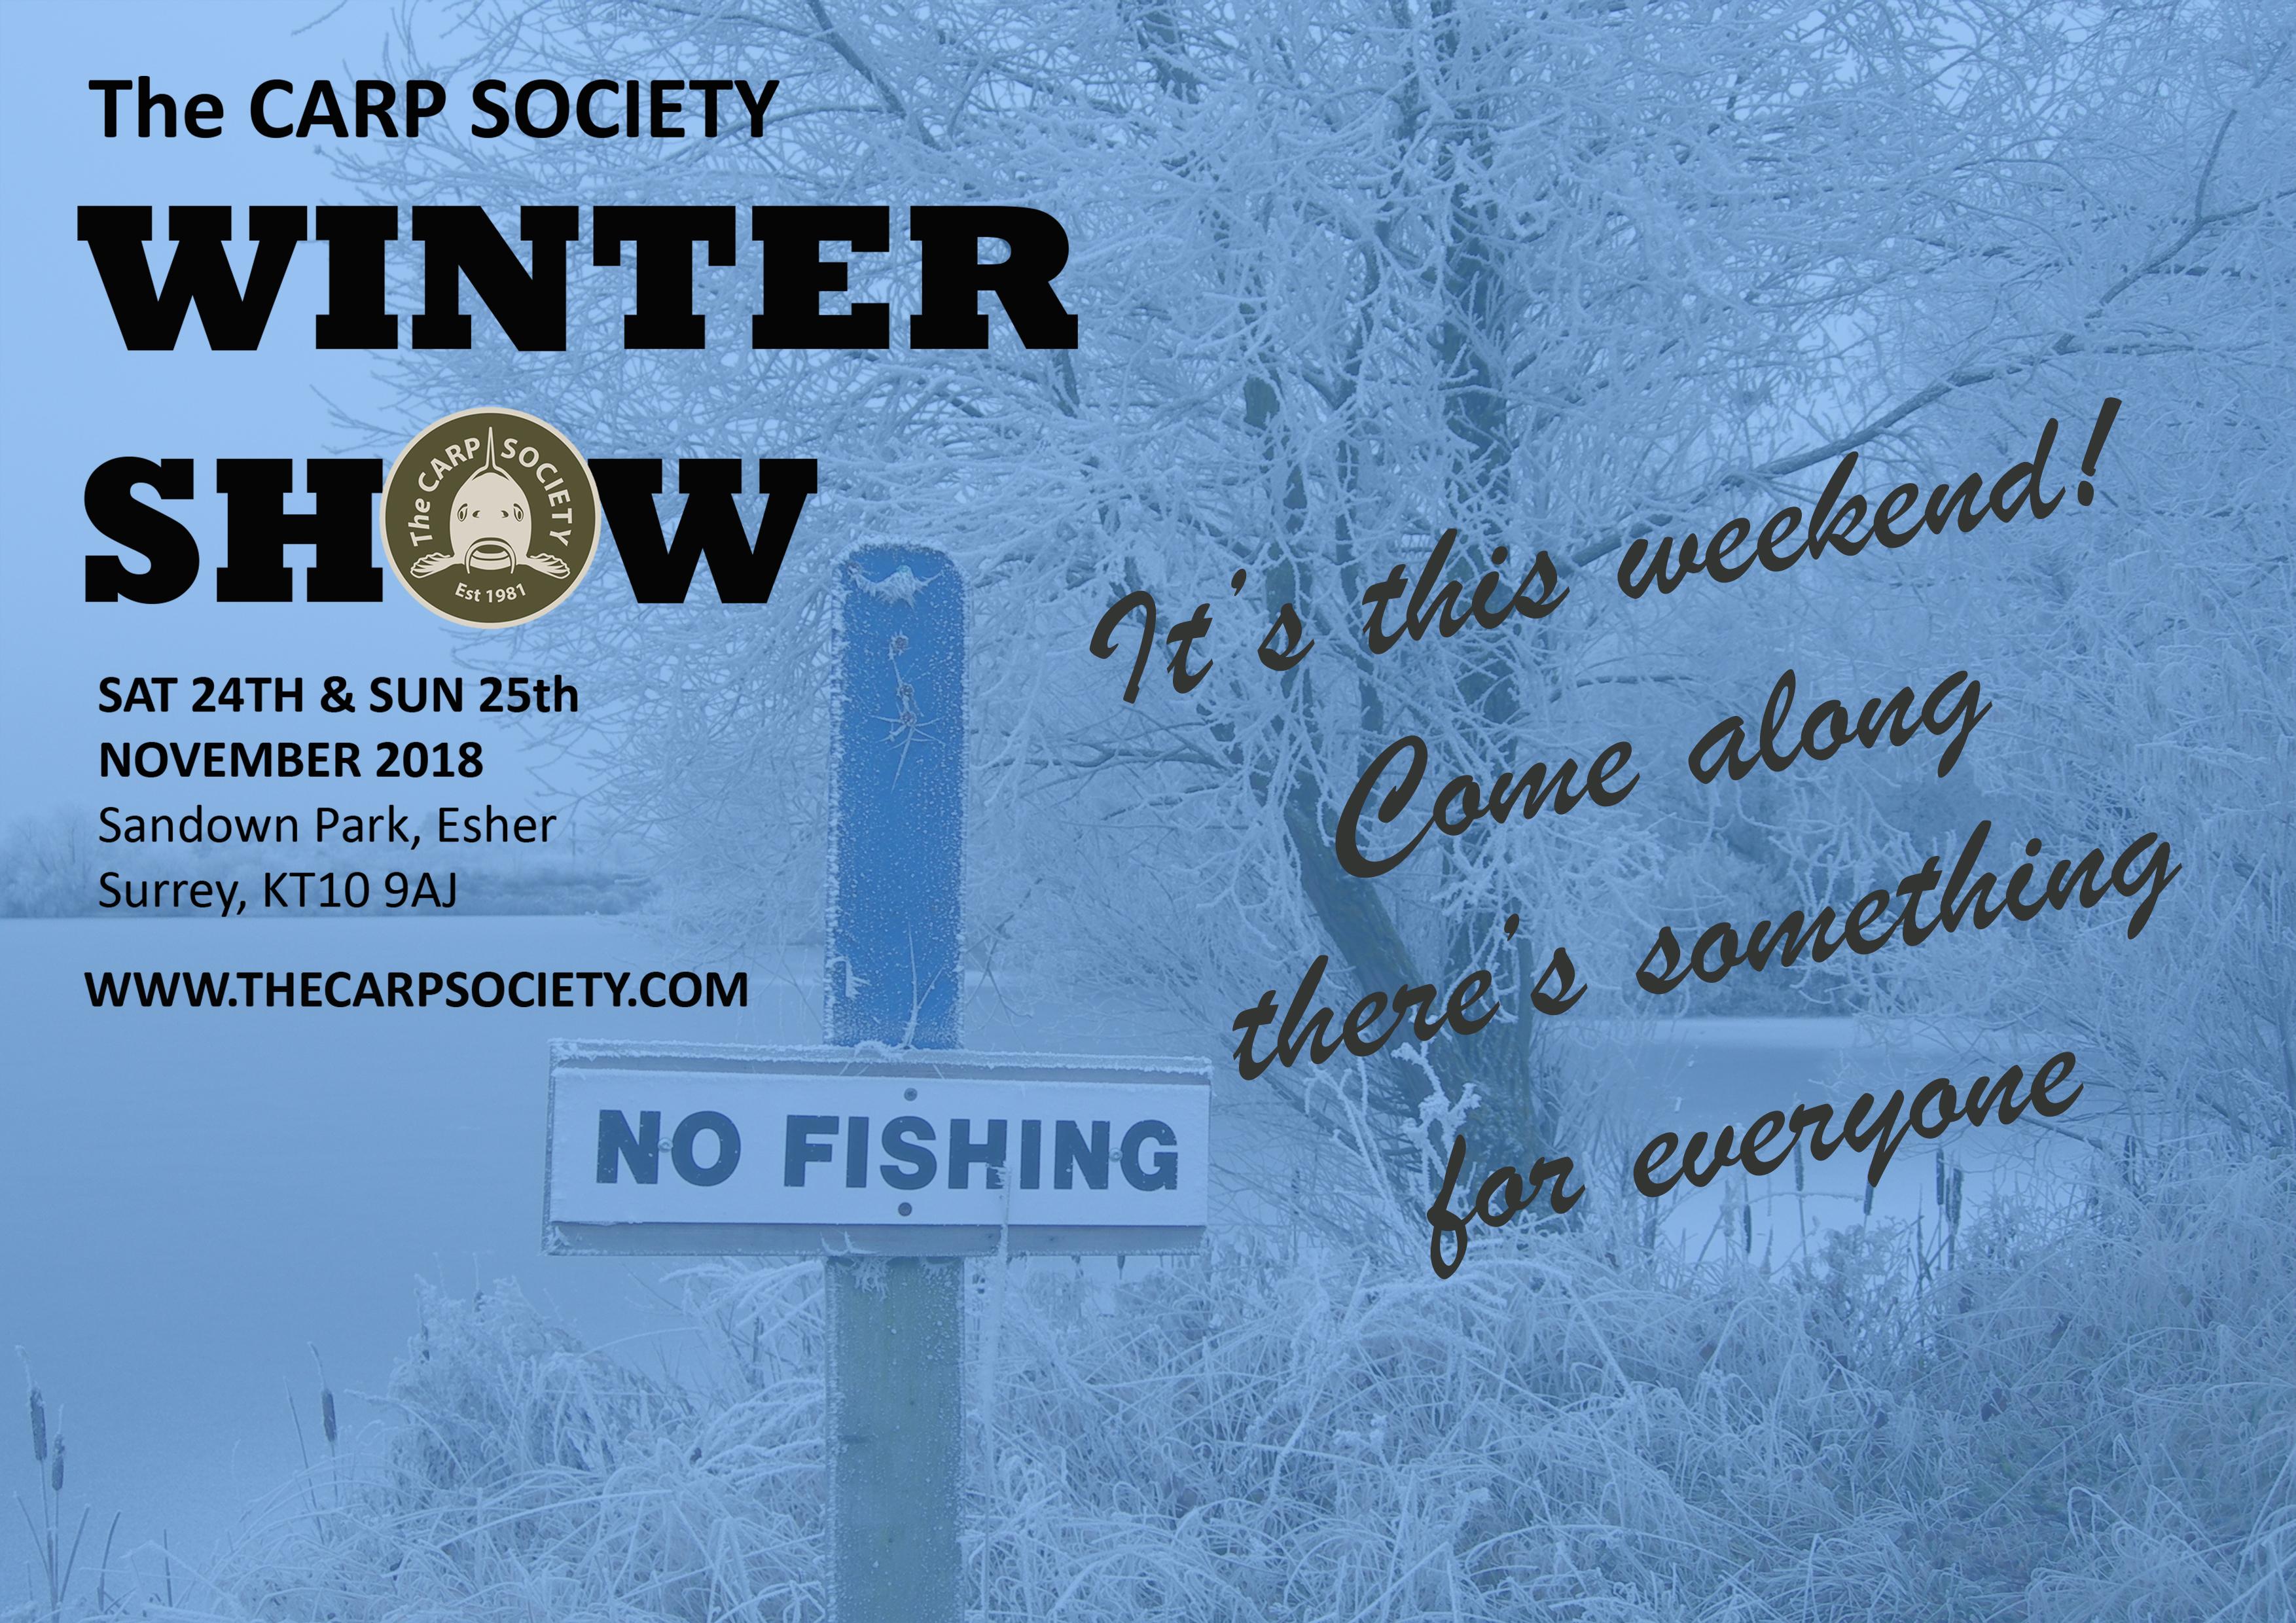 CARP SOCIETY WINTER SHOW 2018